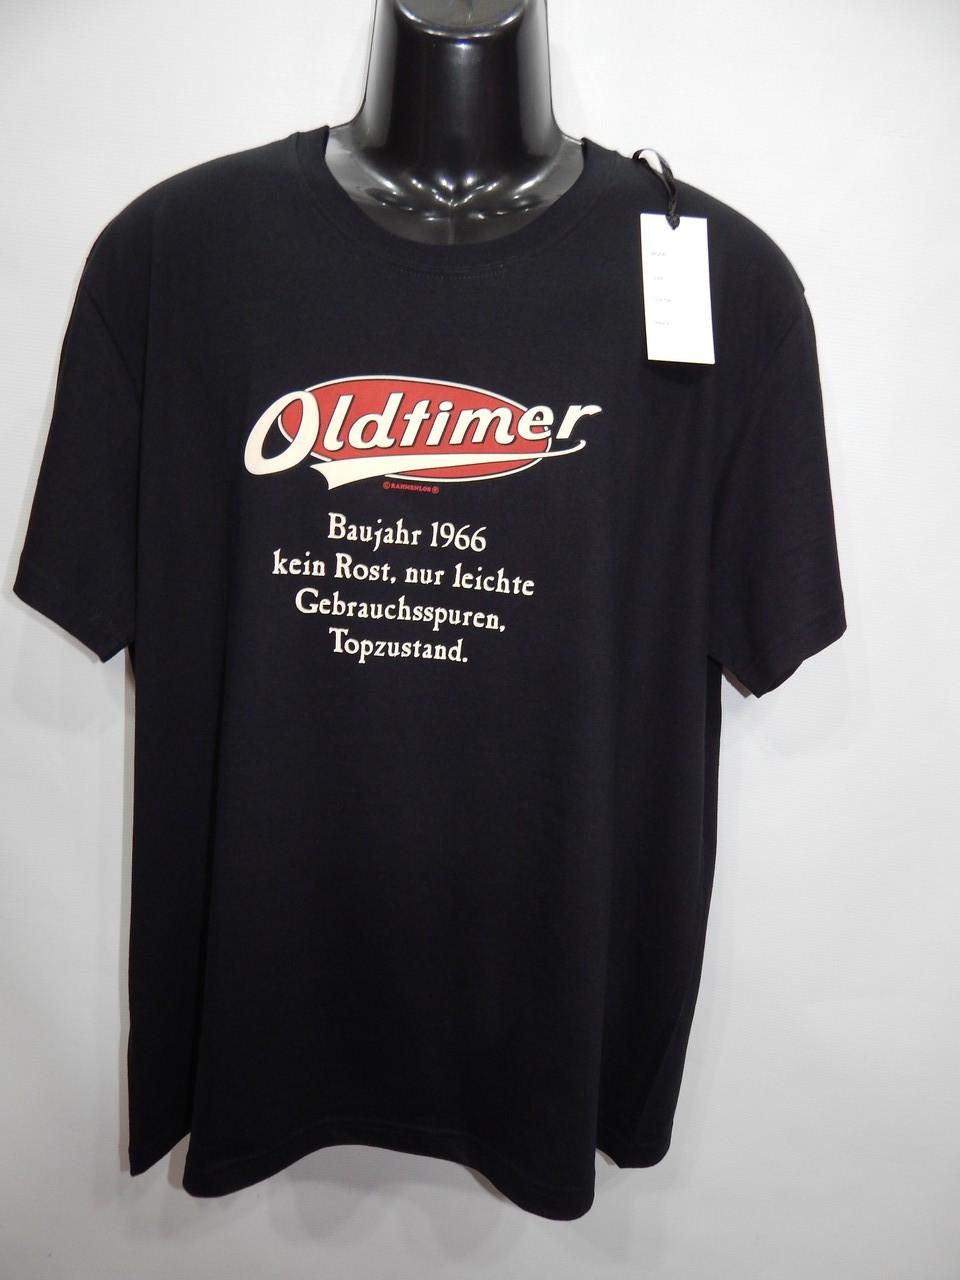 Мужская футболка Stedman р.52 129мф